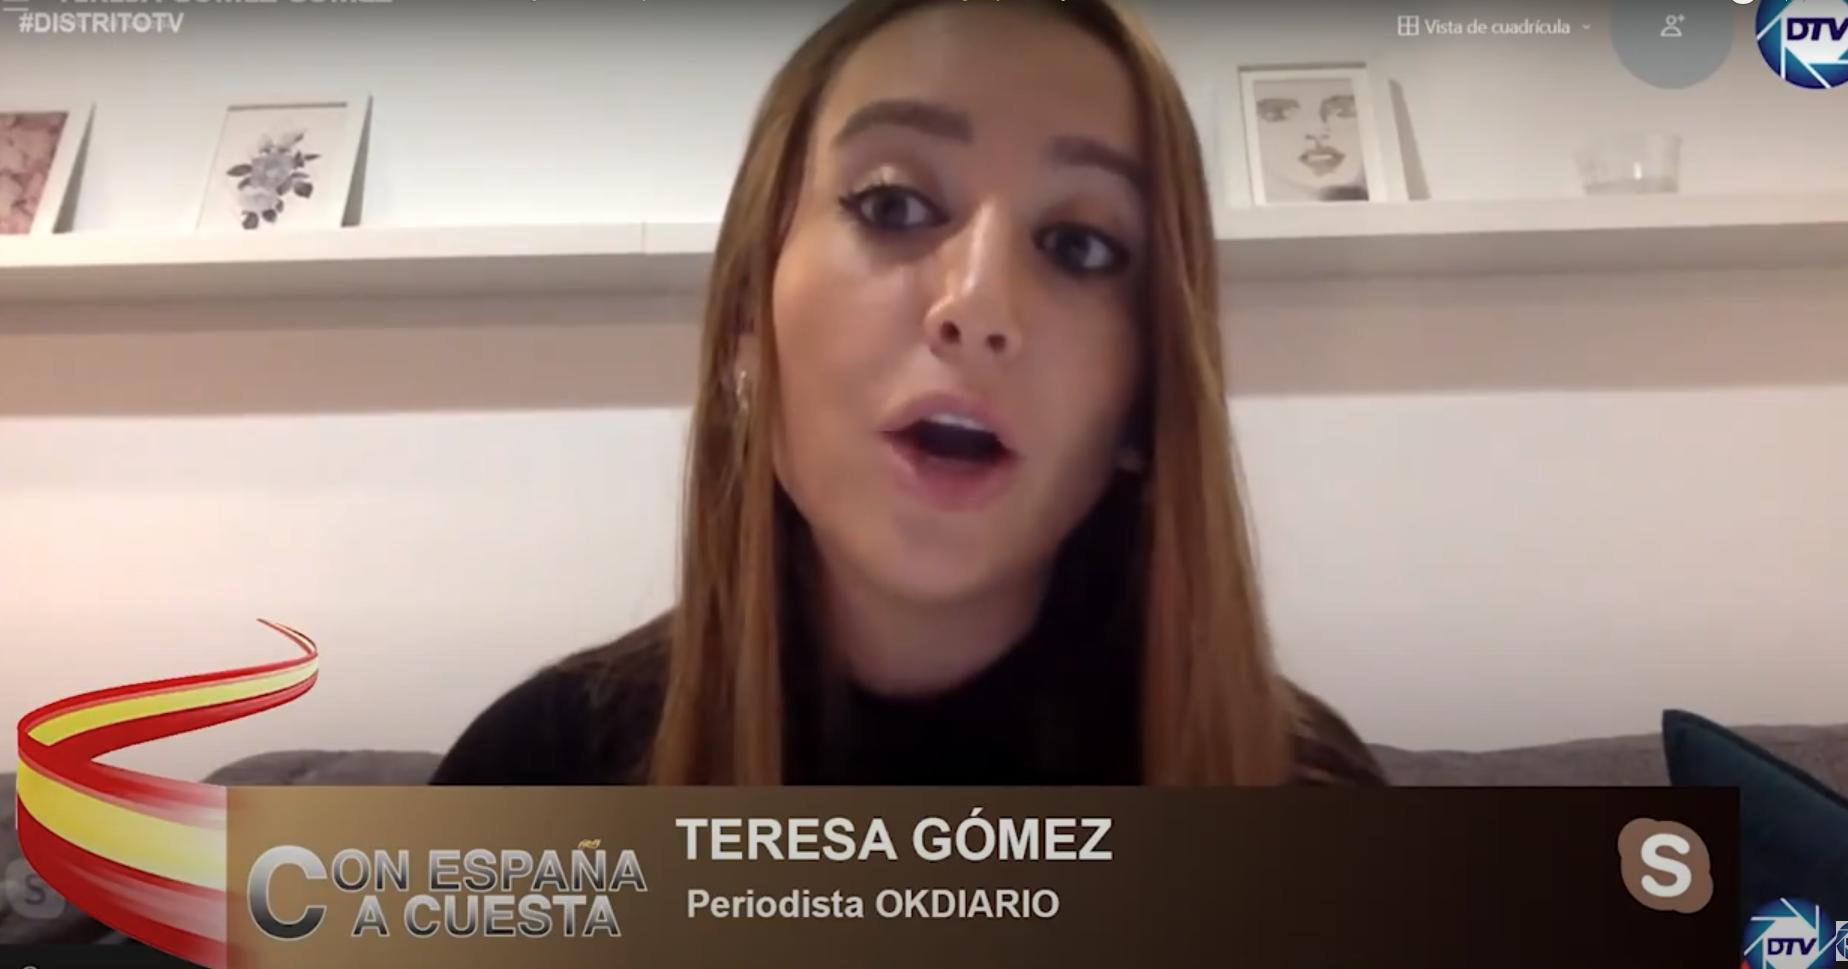 La periodista Teresa Gómez